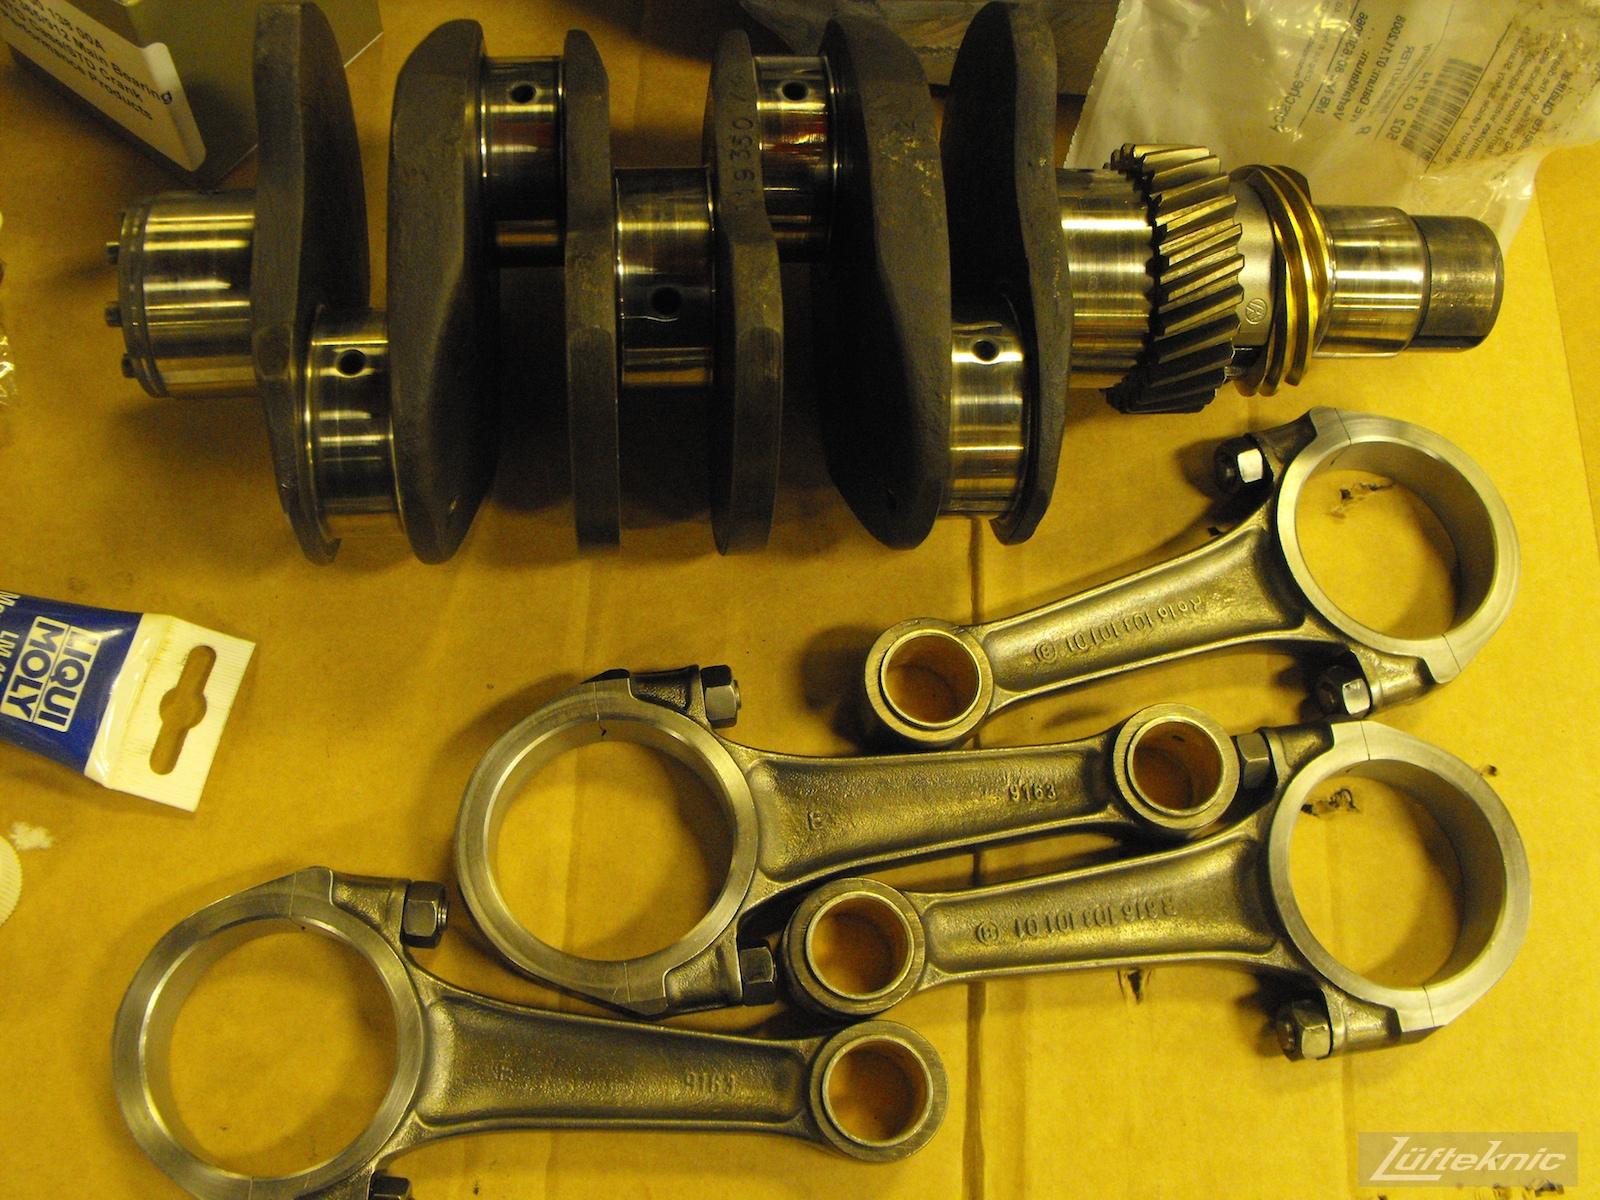 Fresh refinished engine parts for an Irish Green Porsche 912 undergoing restoration at Lufteknic.